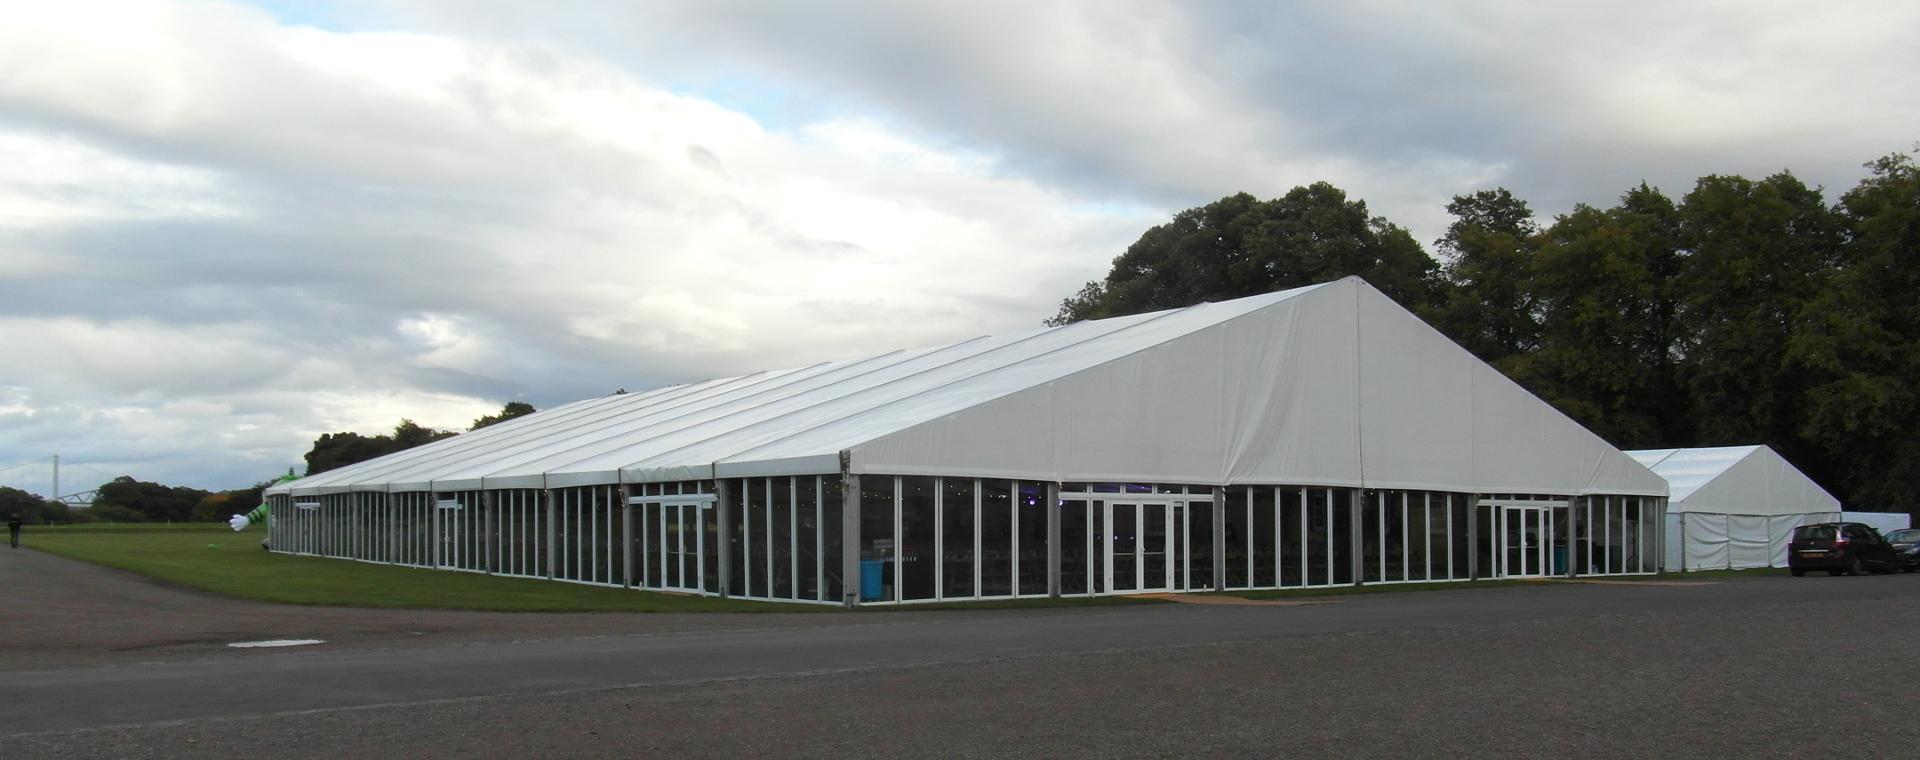 оптовый большой алюминиевый заказ концерт на открытом воздухе каркасного палатки